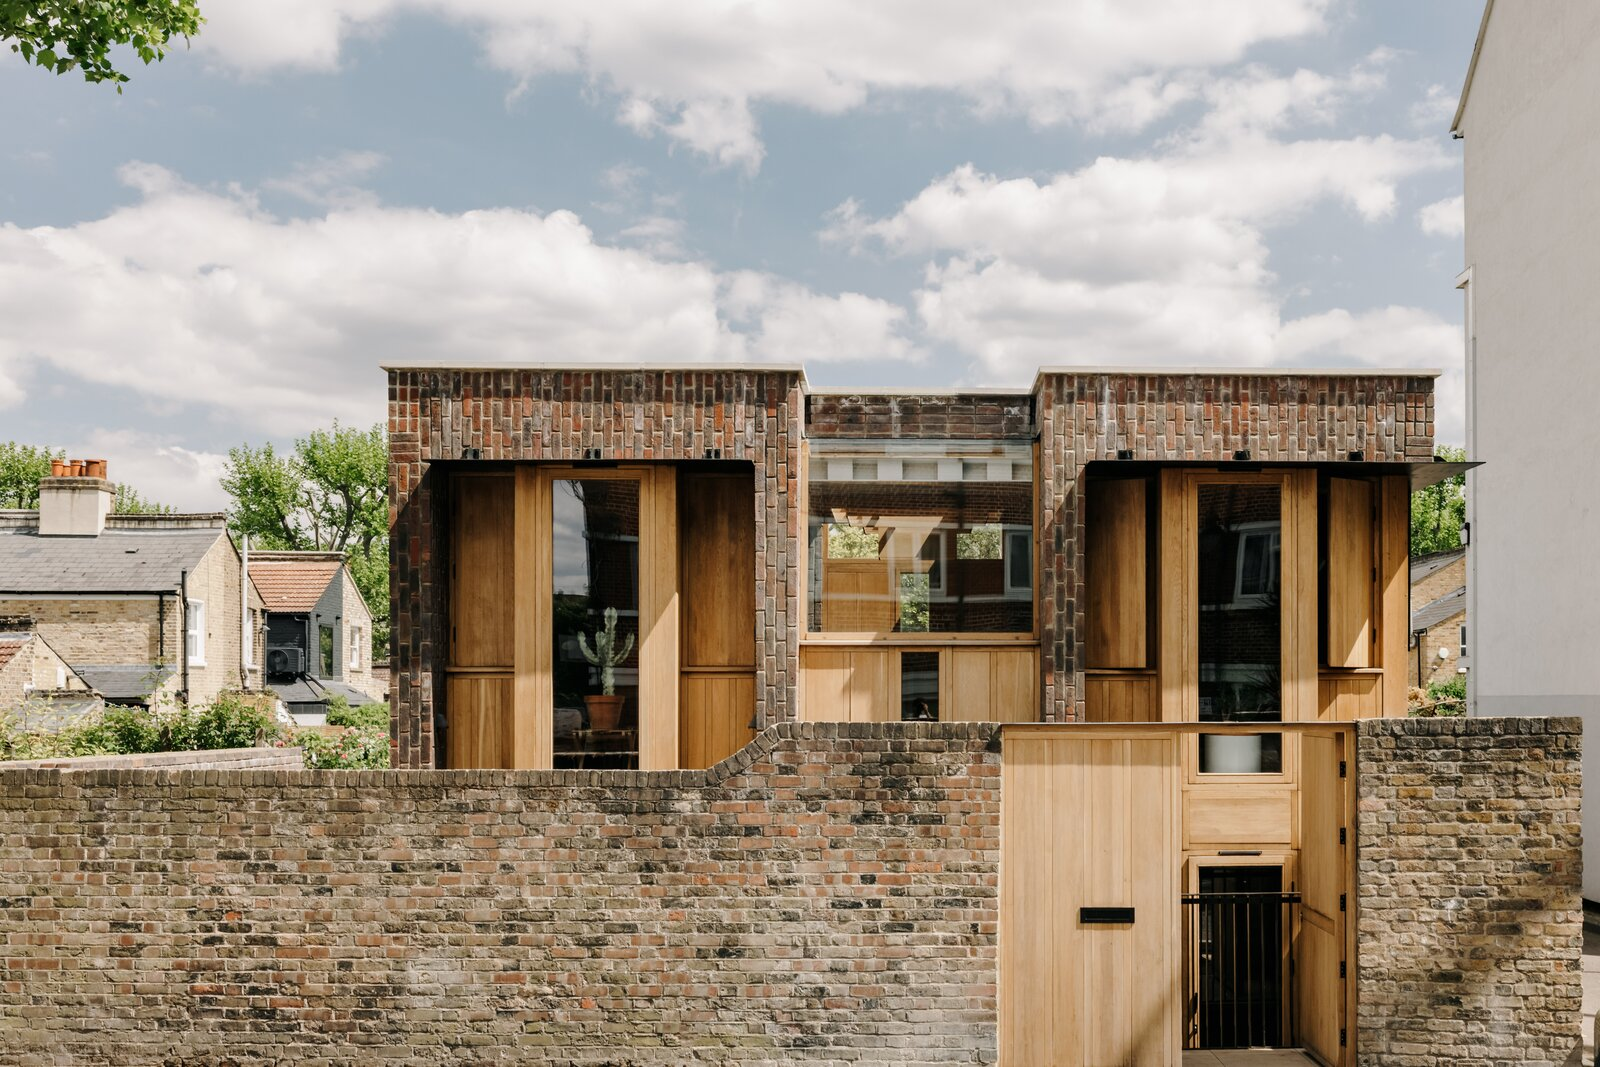 Southwark Brick House facade